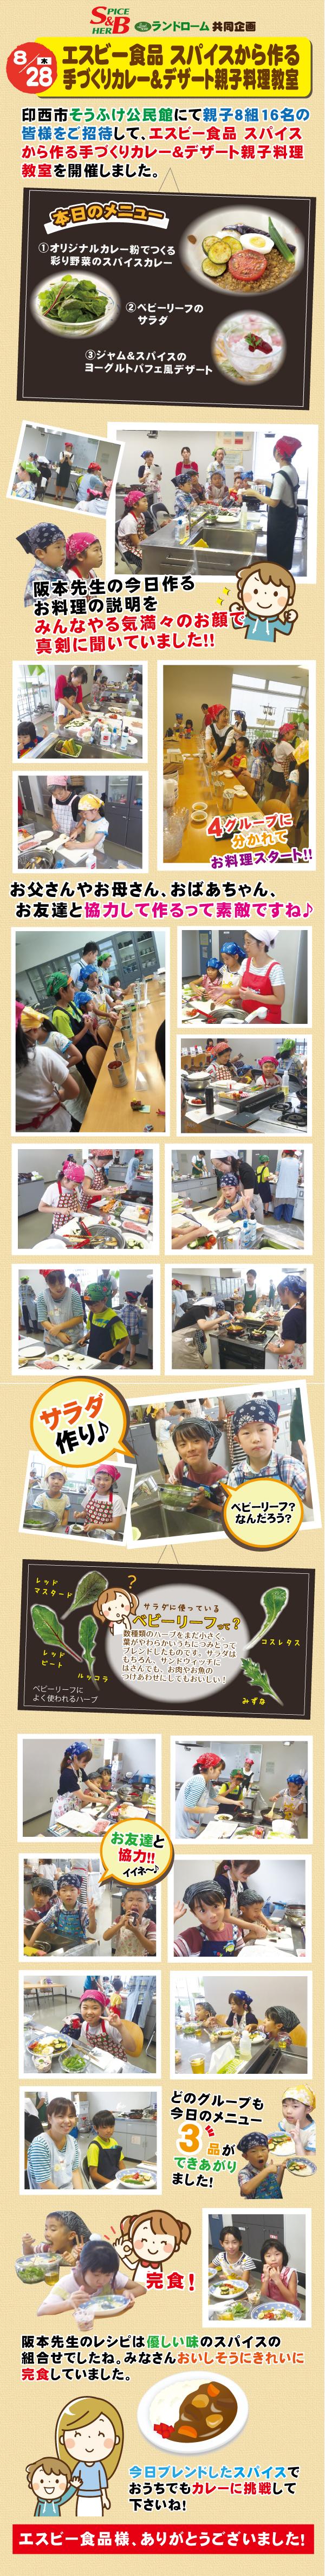 0828エスビ-料理教室hp用